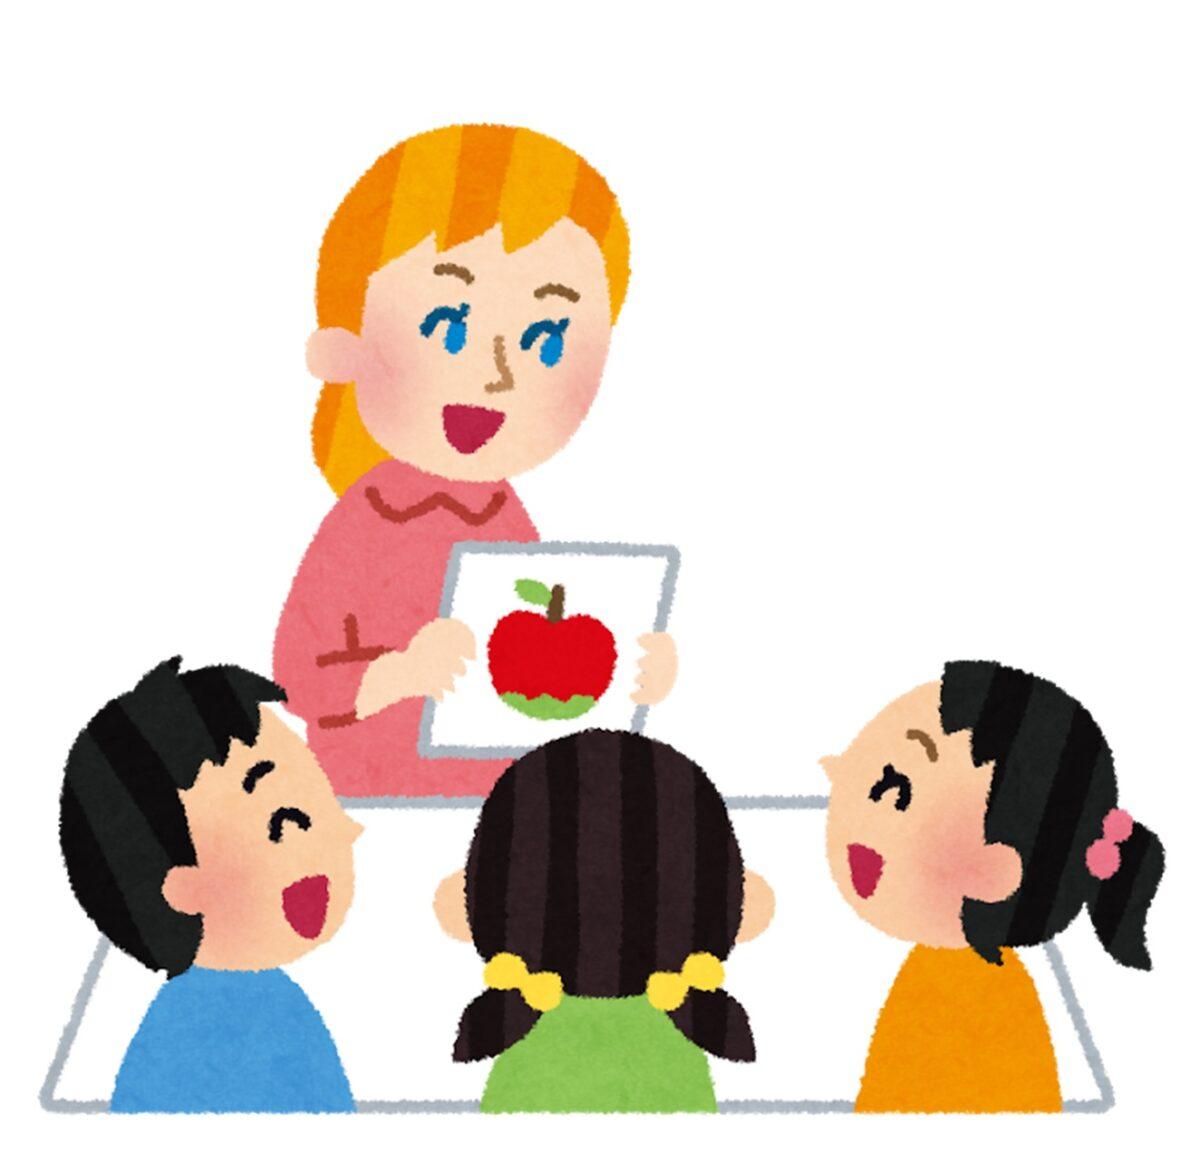 【2021.7/27~30連続開催】堺区・楽しく英会話を学ぼう♪夏の連続講座『キッズ英会話』が開催されます!※要申込@人権ふれあいセンター: